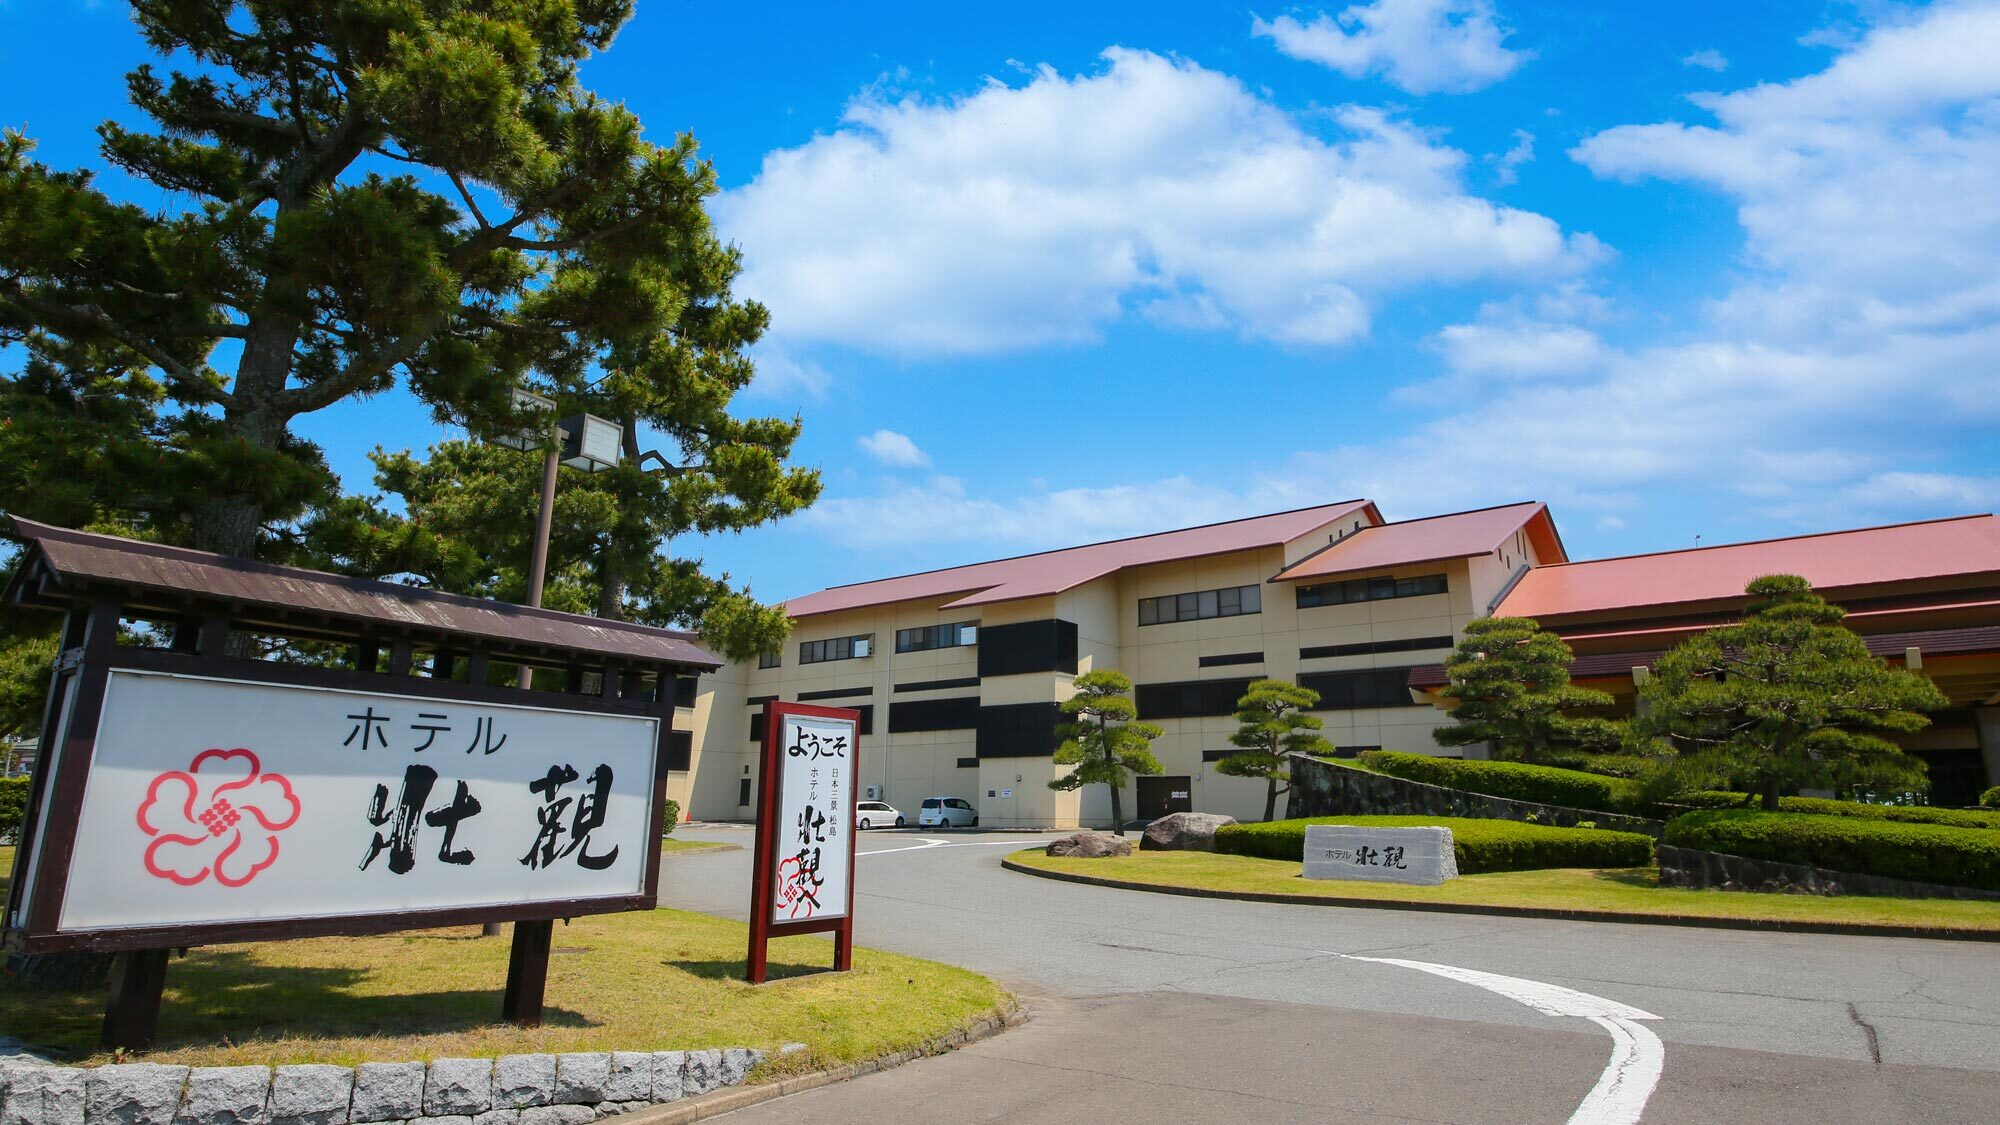 旅行好き家族です。大江戸温泉グループに泊まりたい、全国のおすすめを教えて